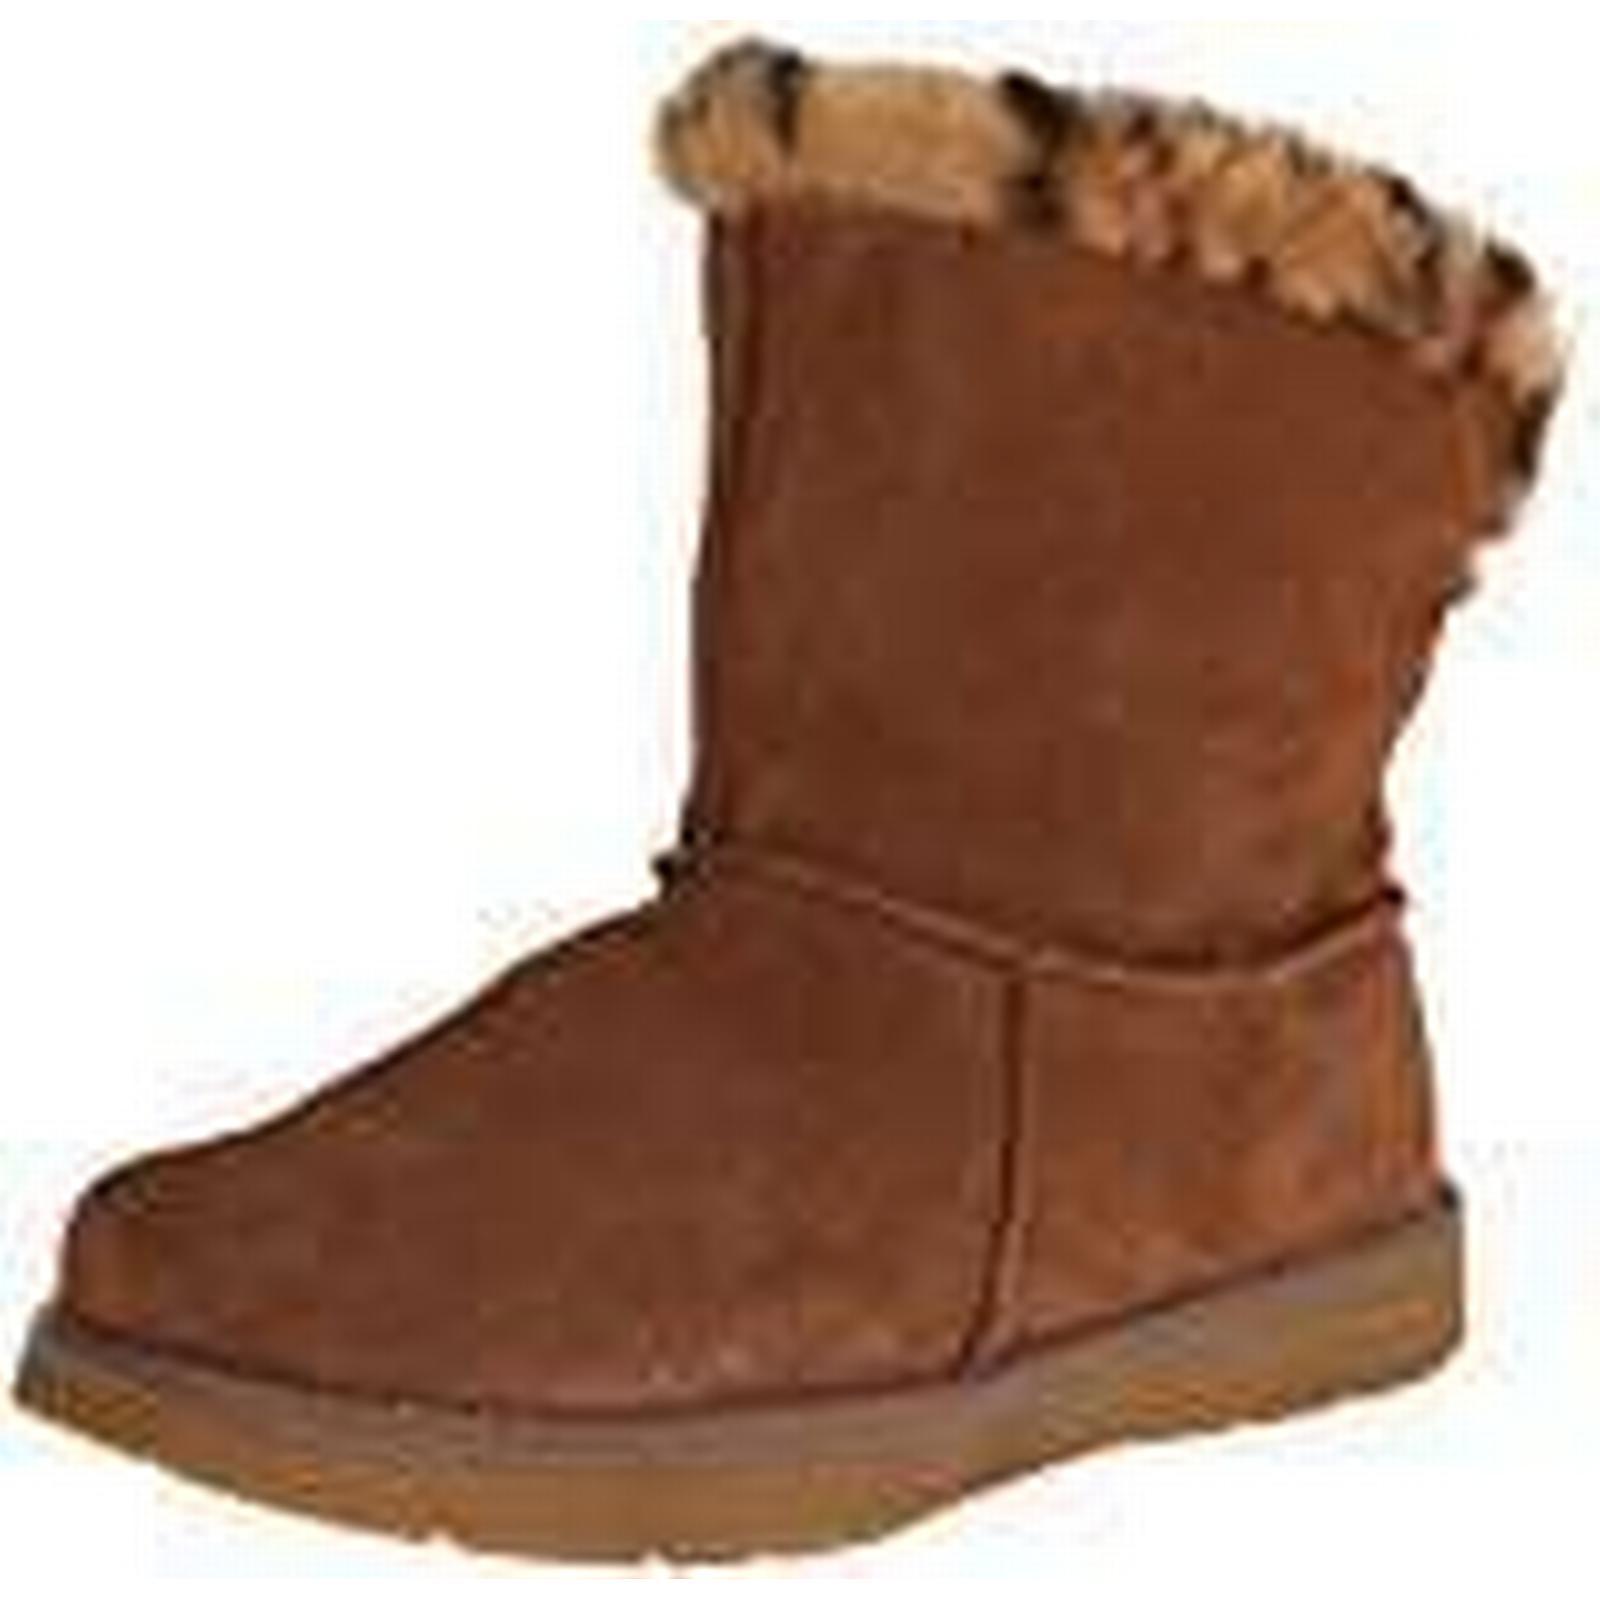 Skechers Adorbs Polar UK Women's Boots,Beige (Chestnut),6 UK Polar (39 EU) fa2630